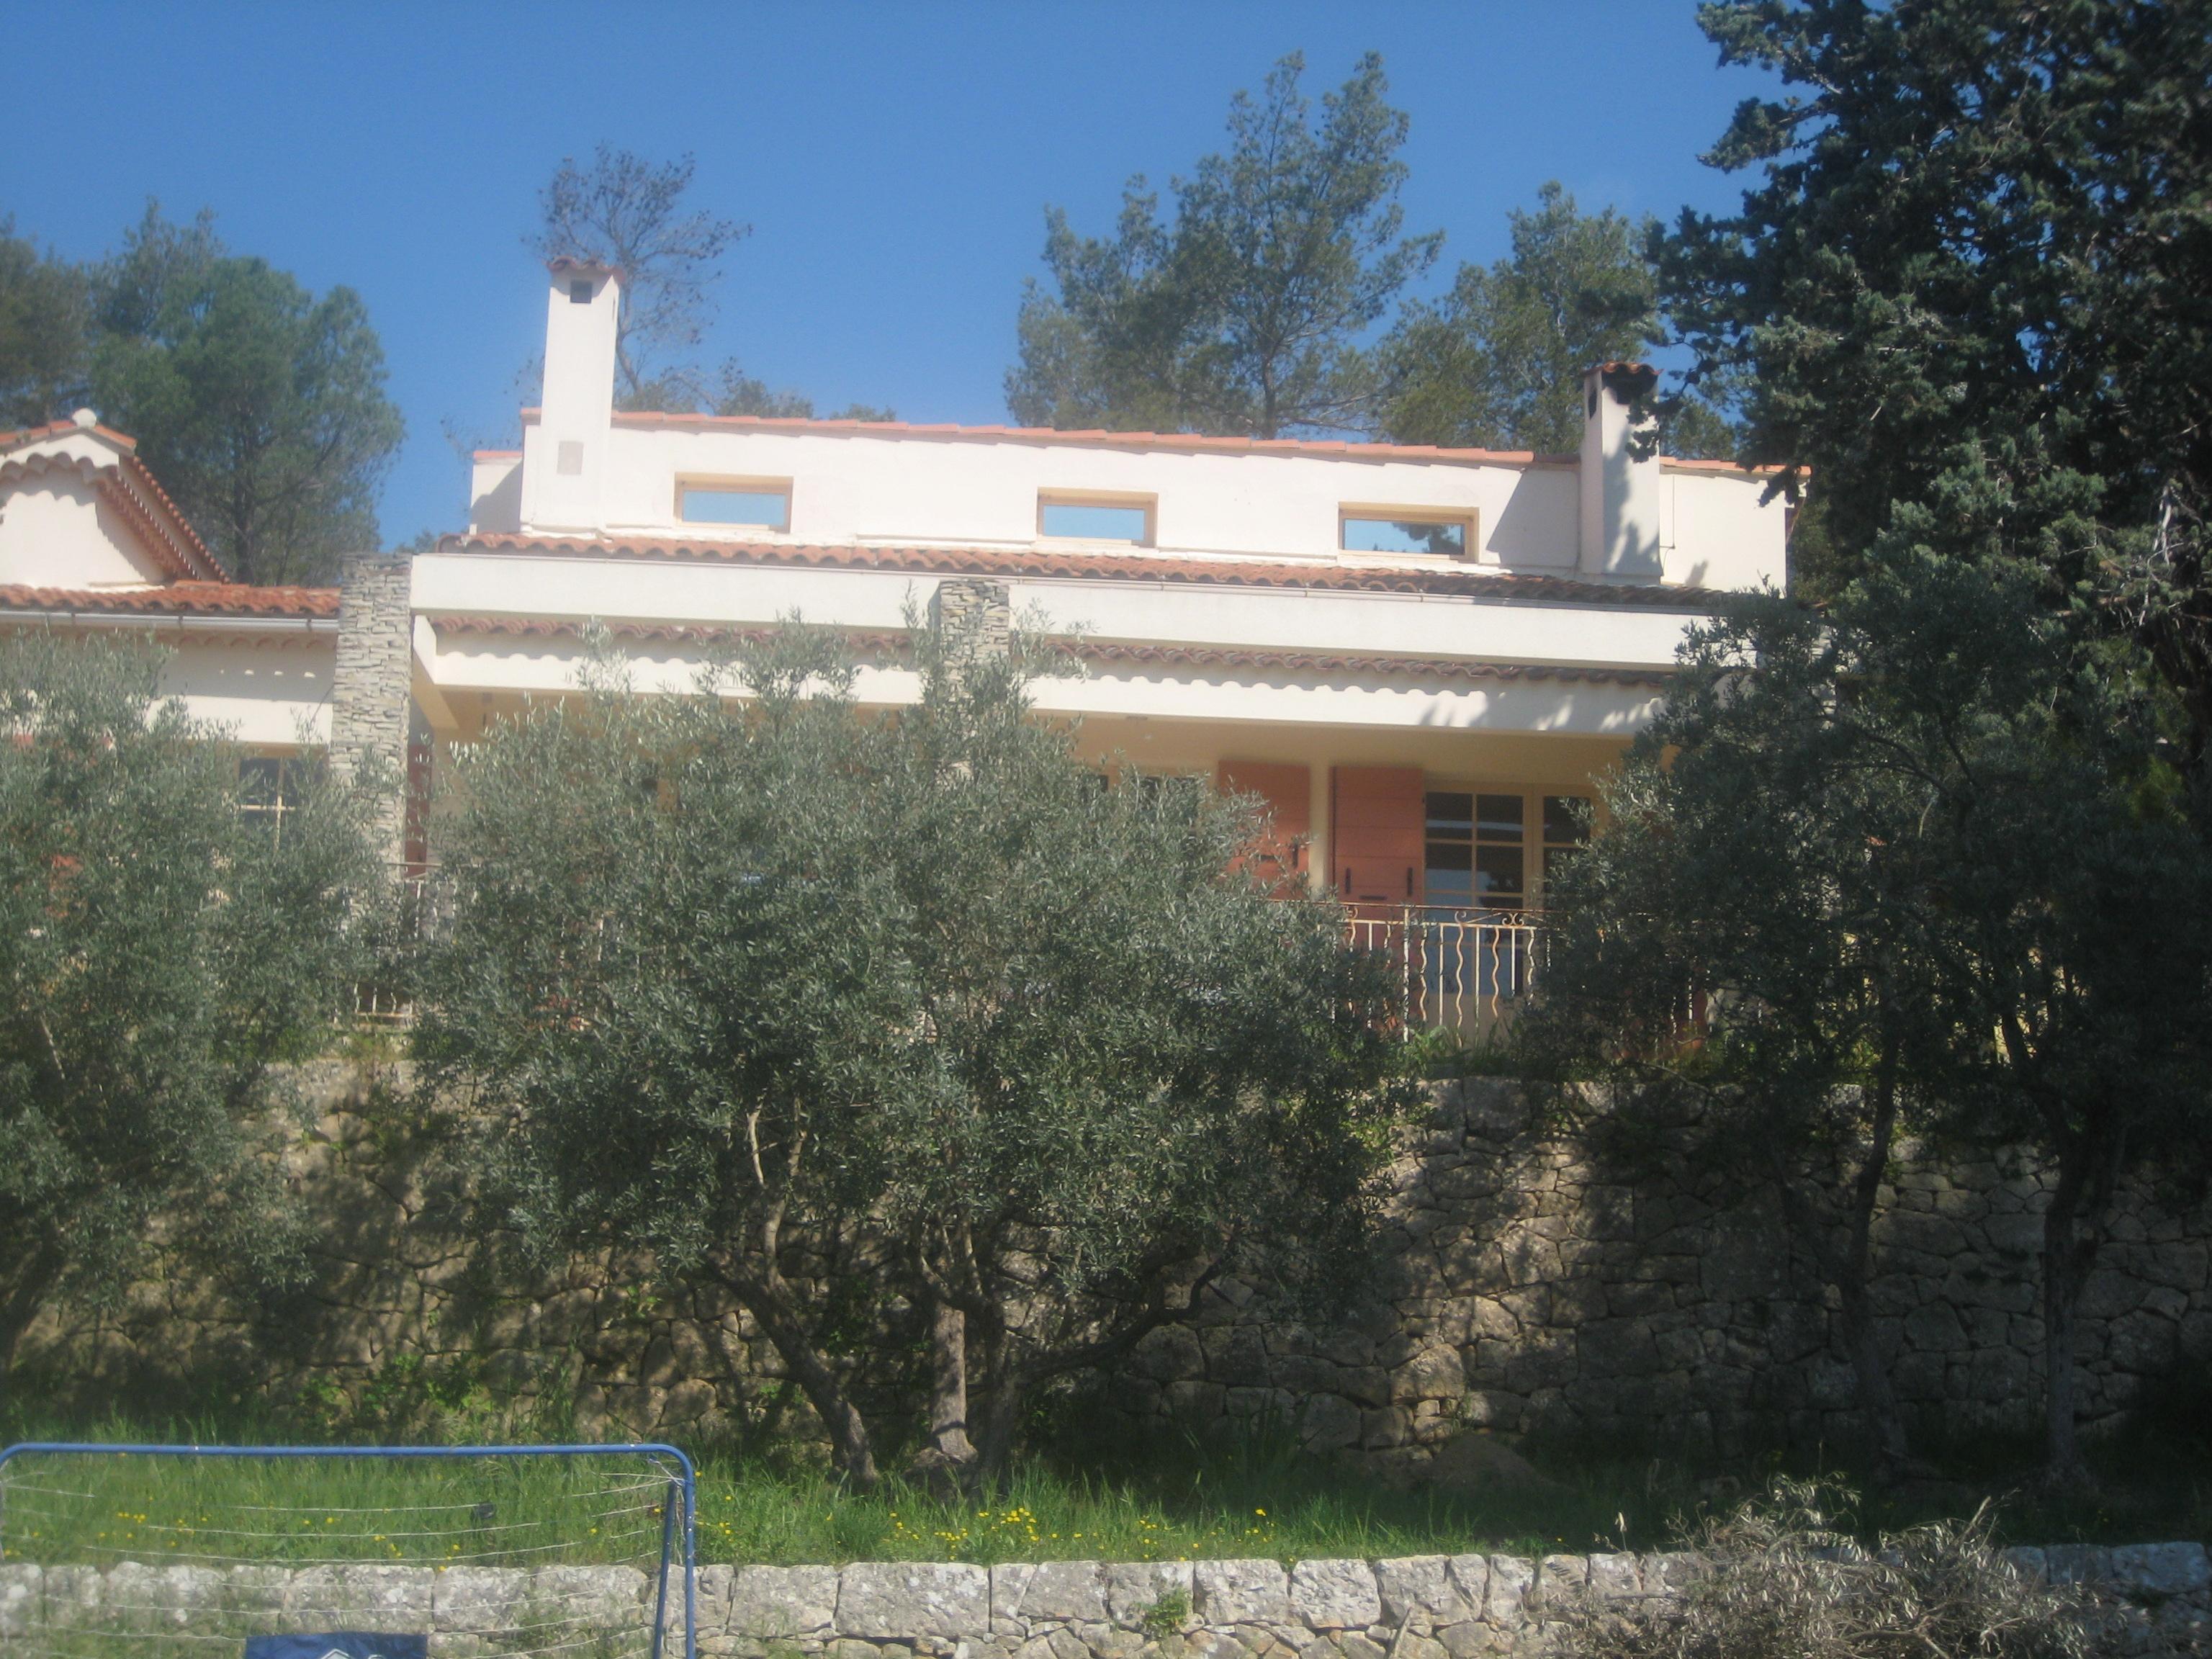 Exterior of the House / Exterieur de la Maison